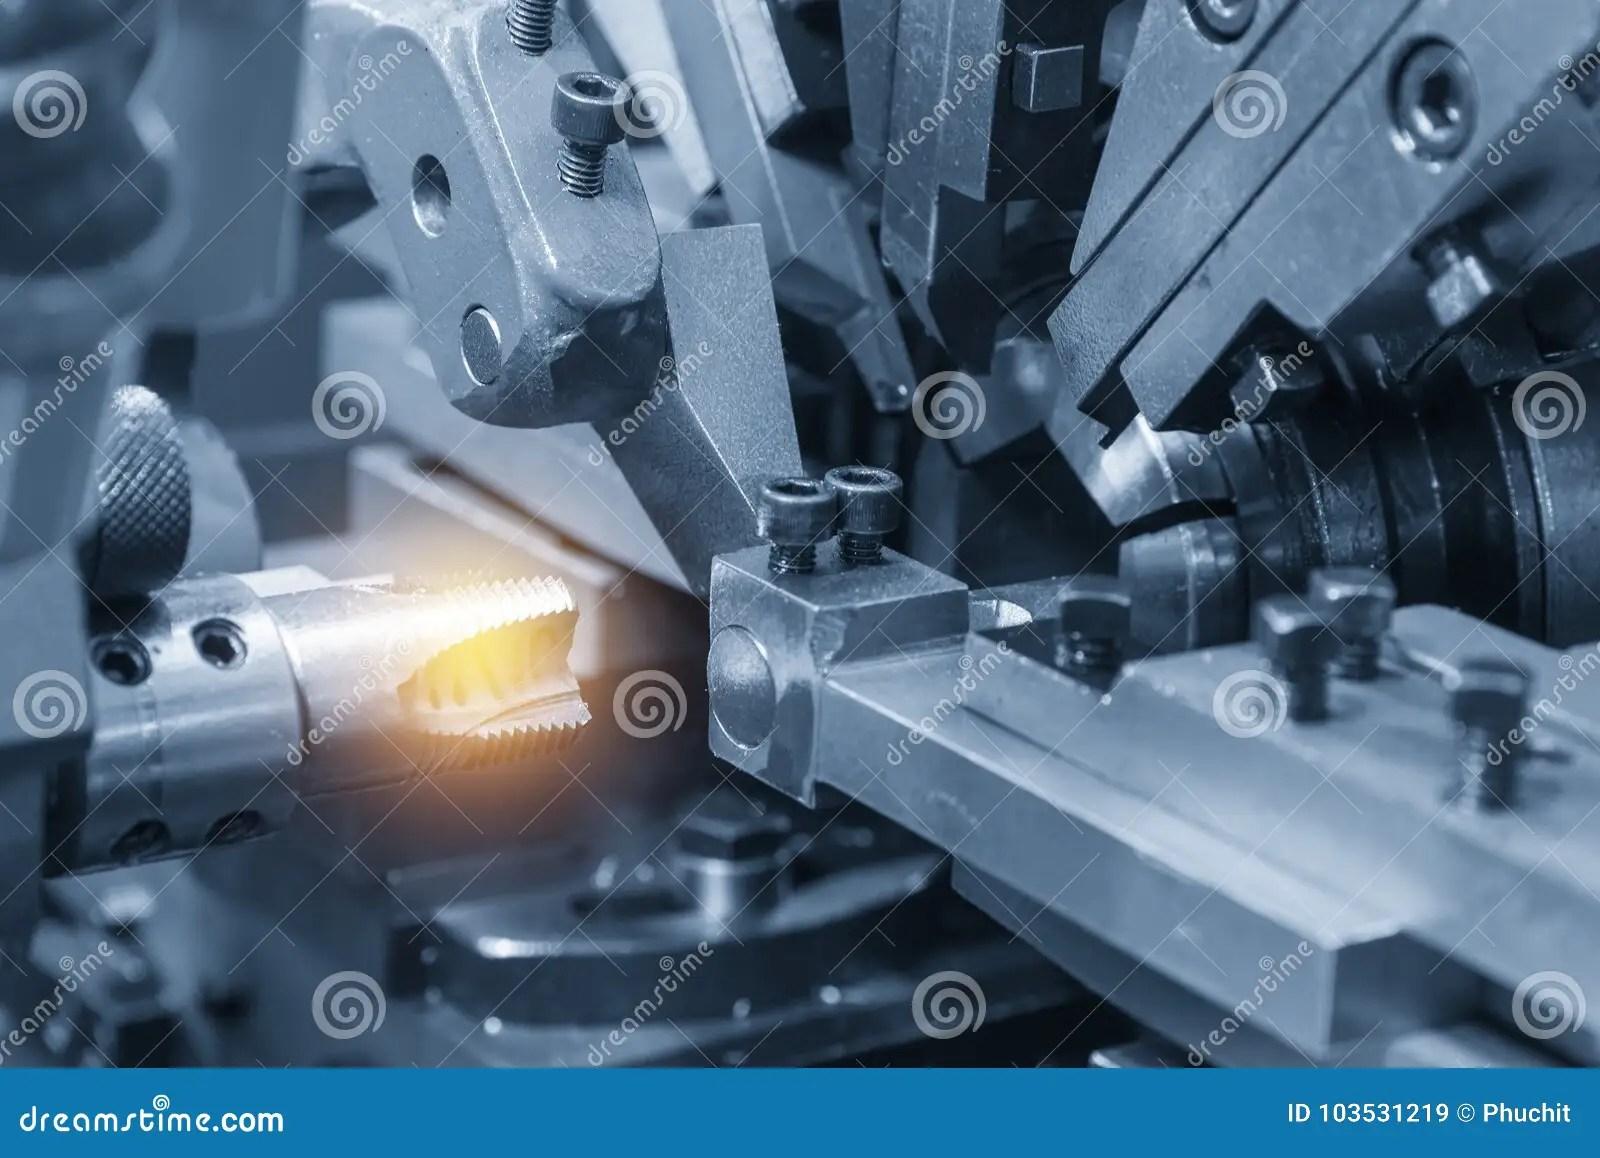 Gun Stock Making Machine